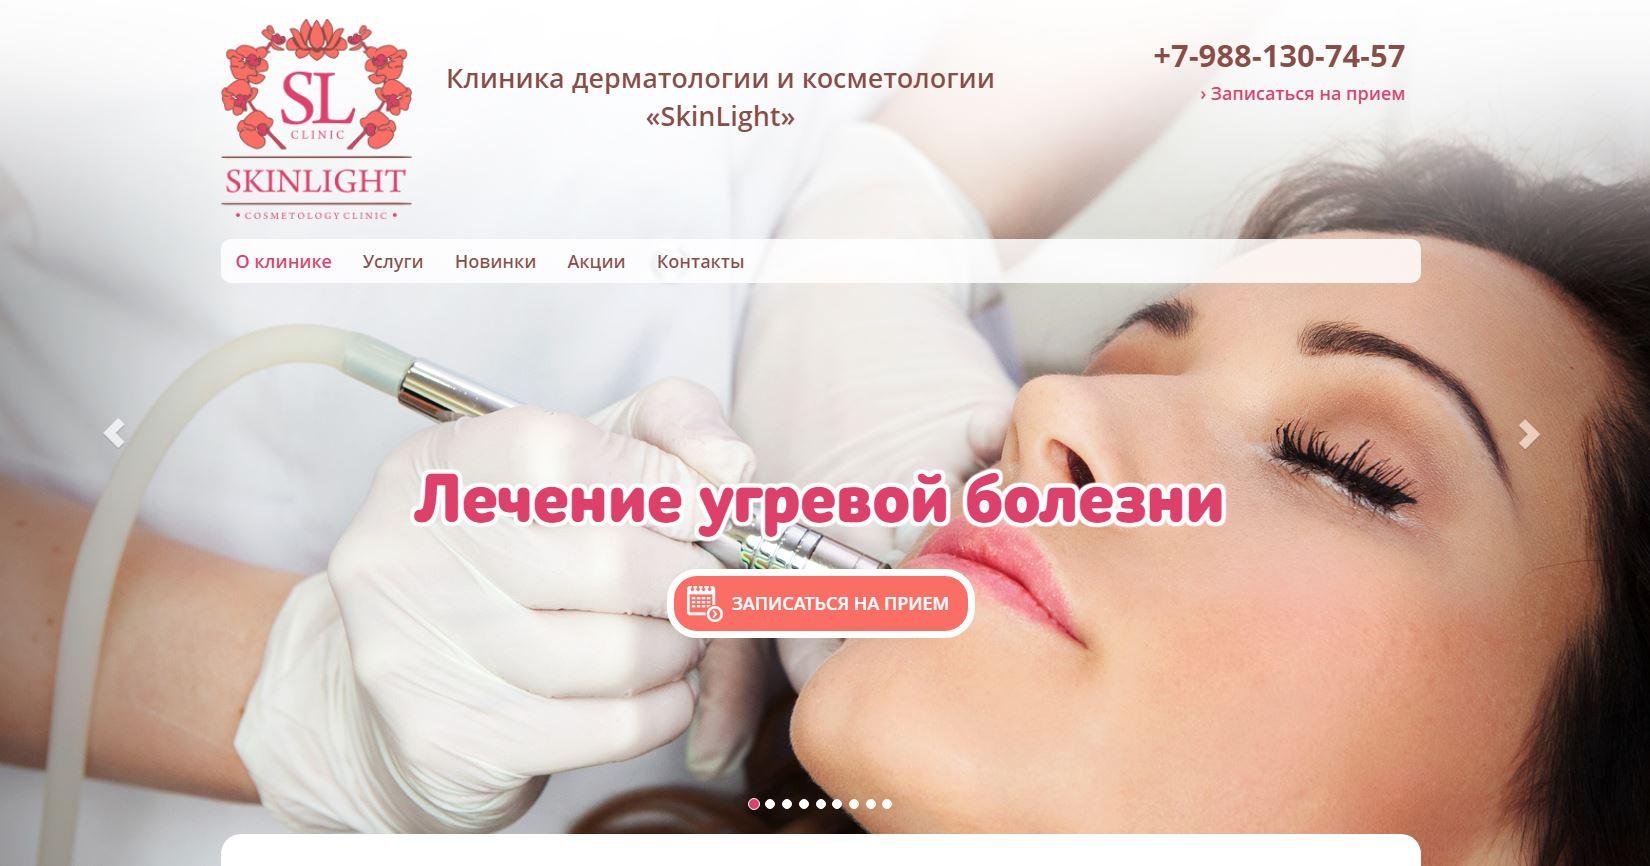 Создание сайта клиники косметологии «SkinLight»